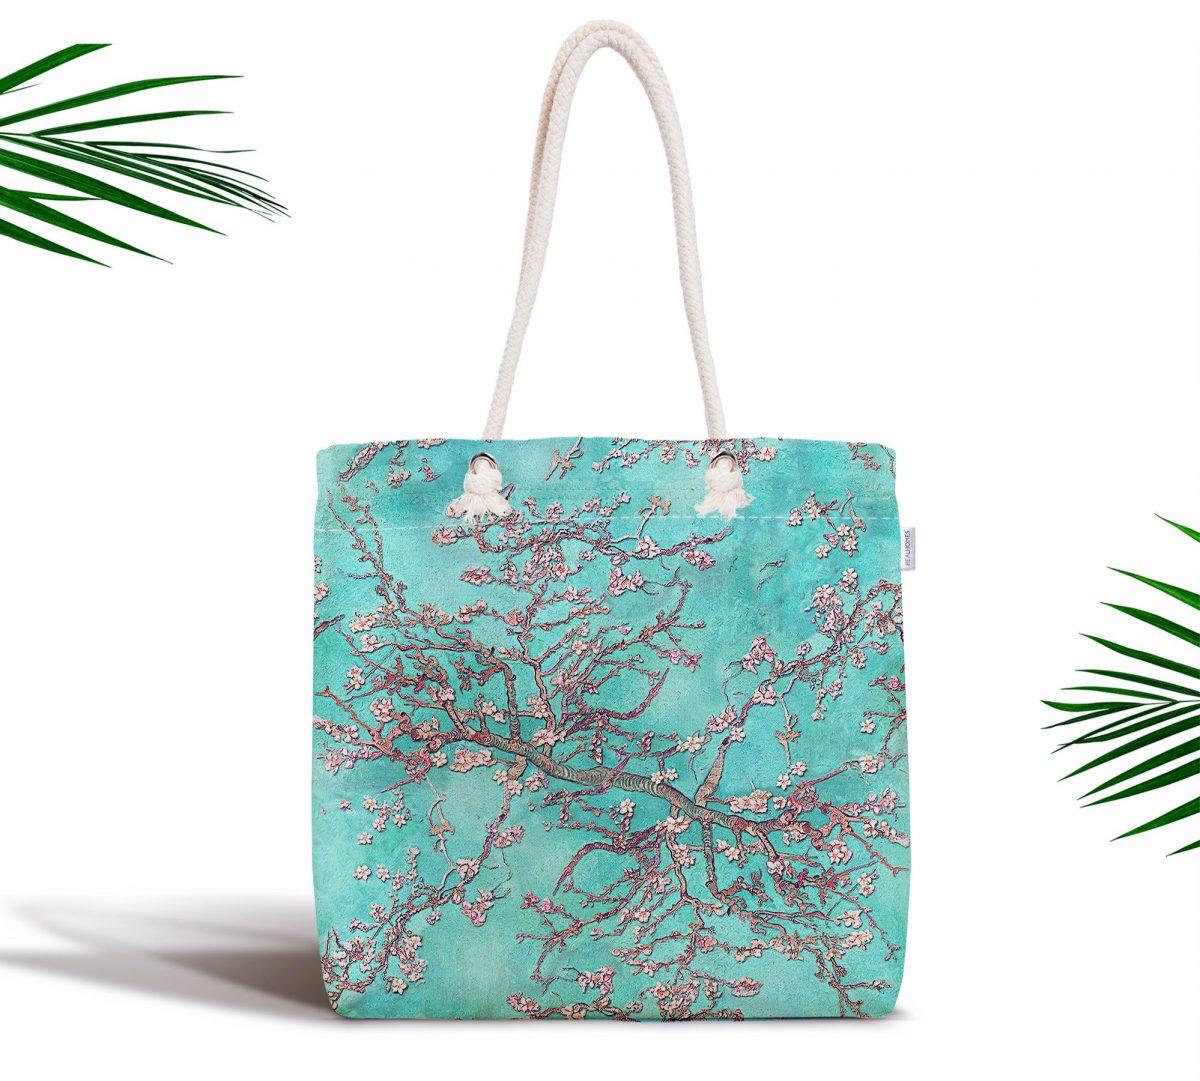 Yağlı Boya Yeşil Ağaç Motifleri Dijital Baskılı Fermuarlı Kumaş Çanta Realhomes